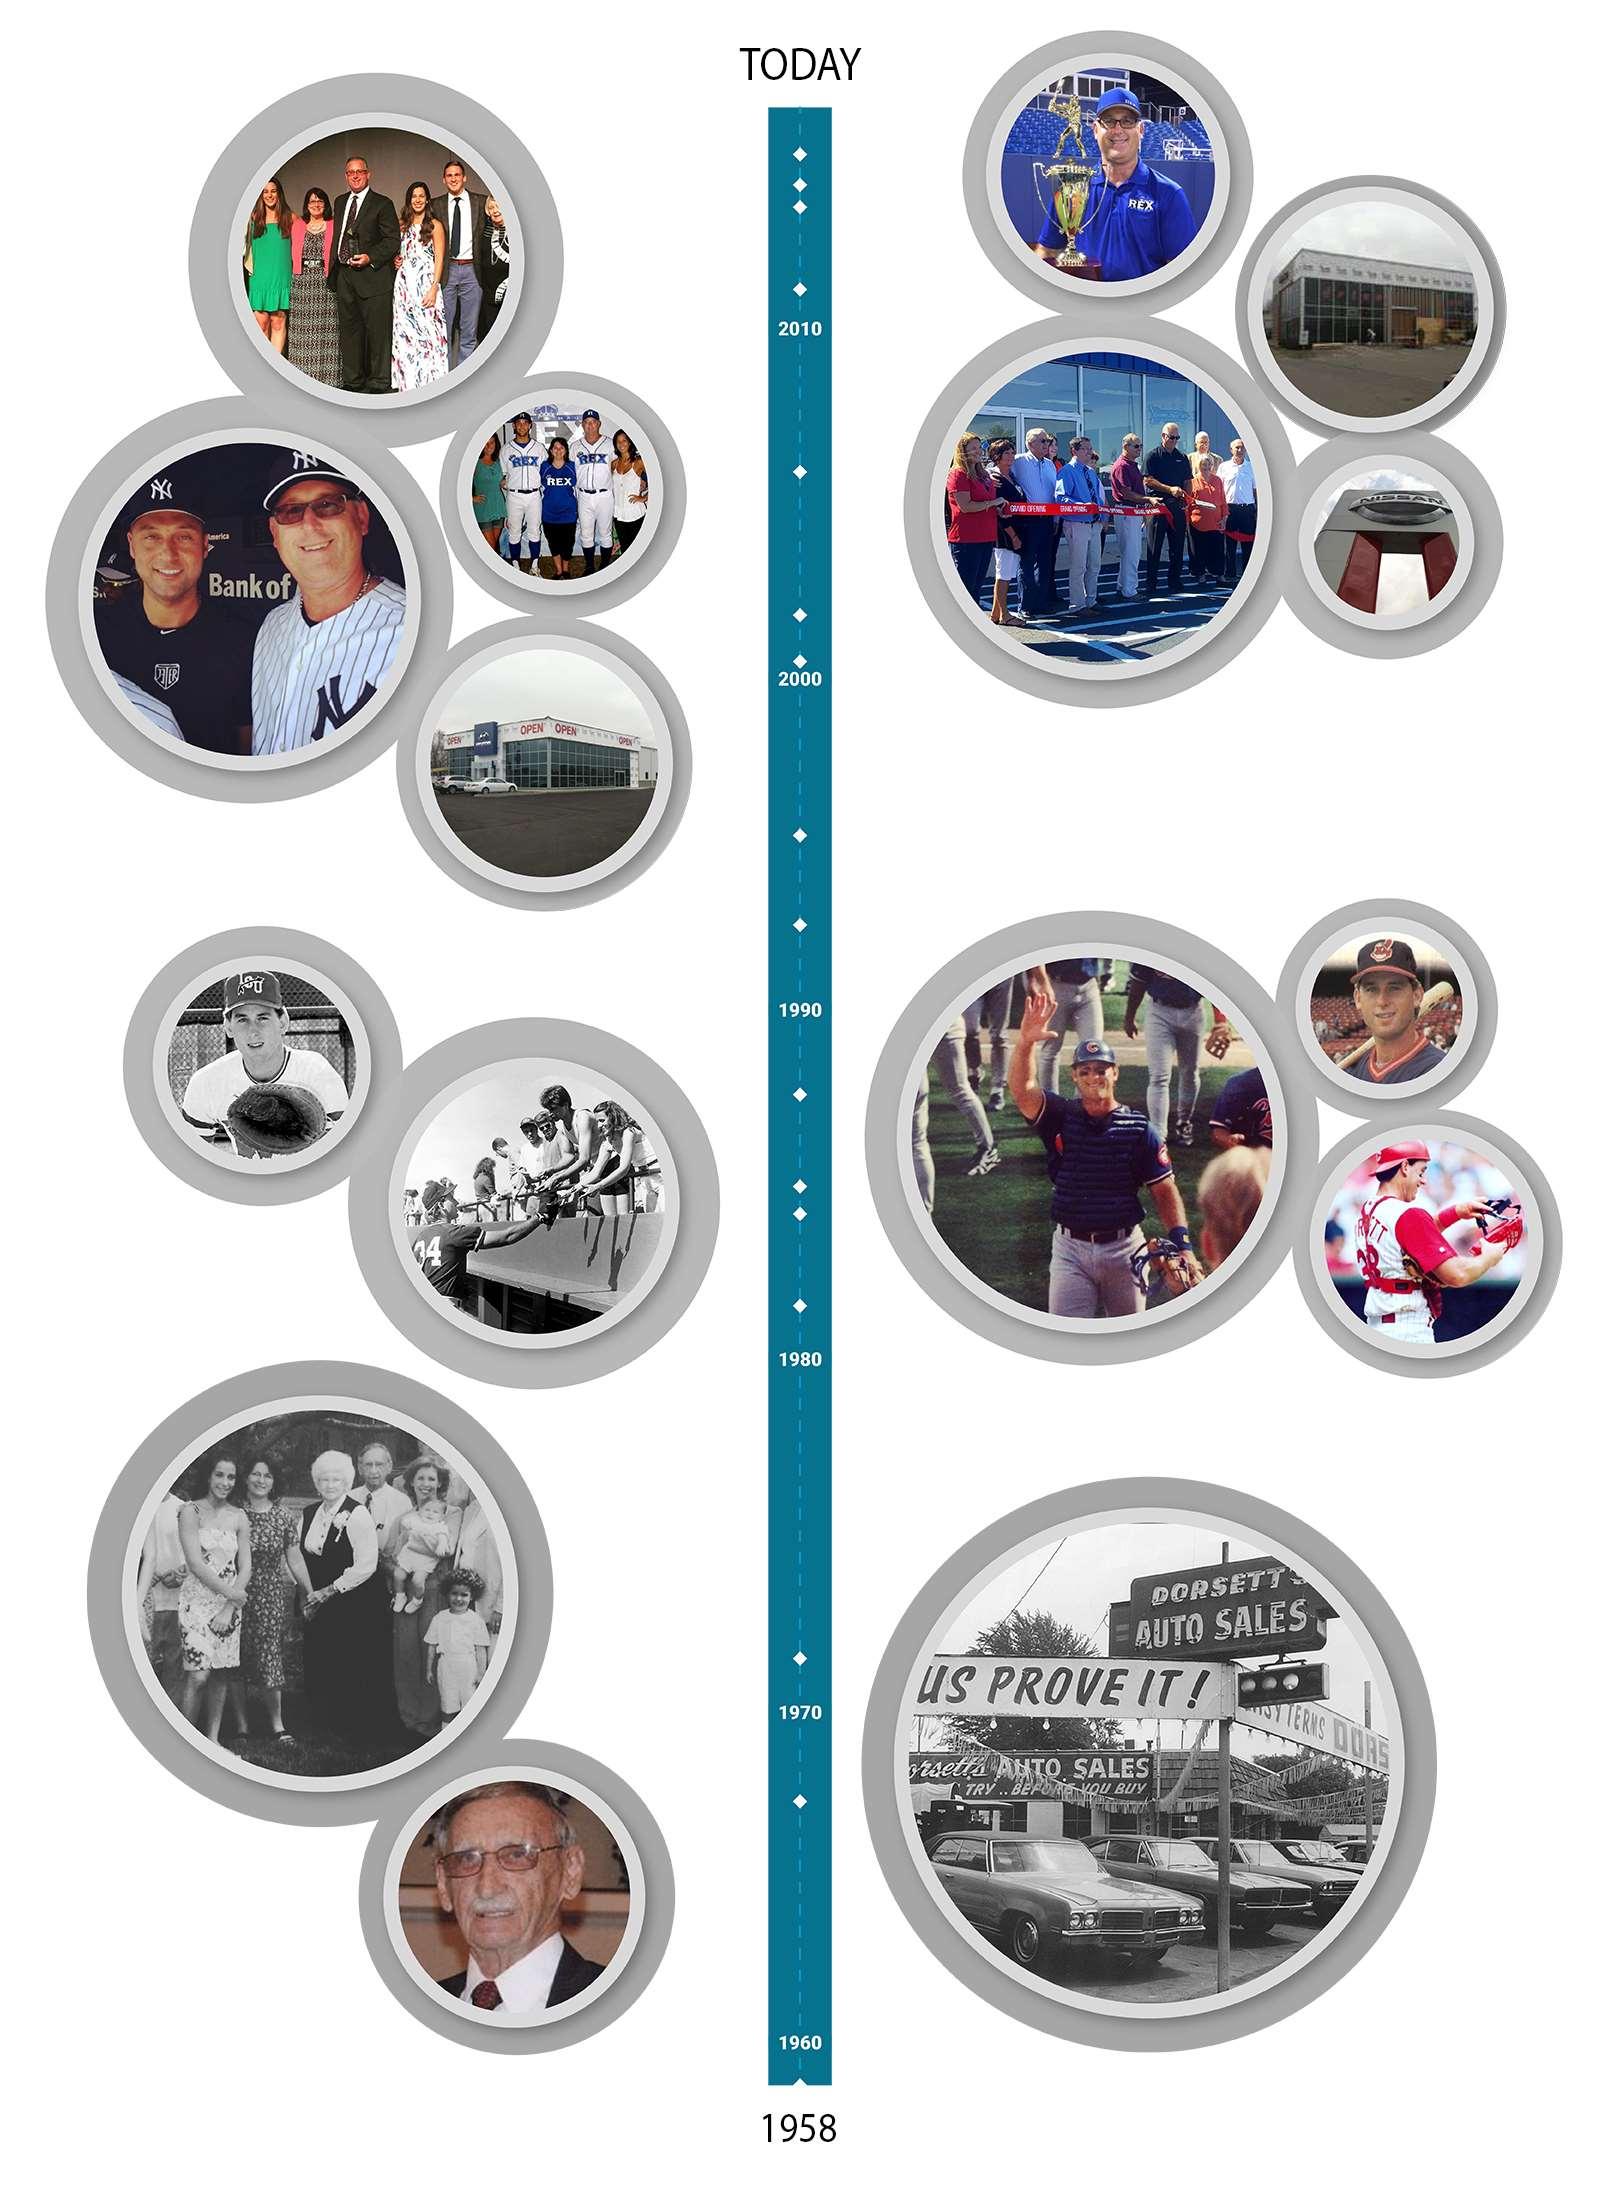 Dorsett Hyundai timeline of photos